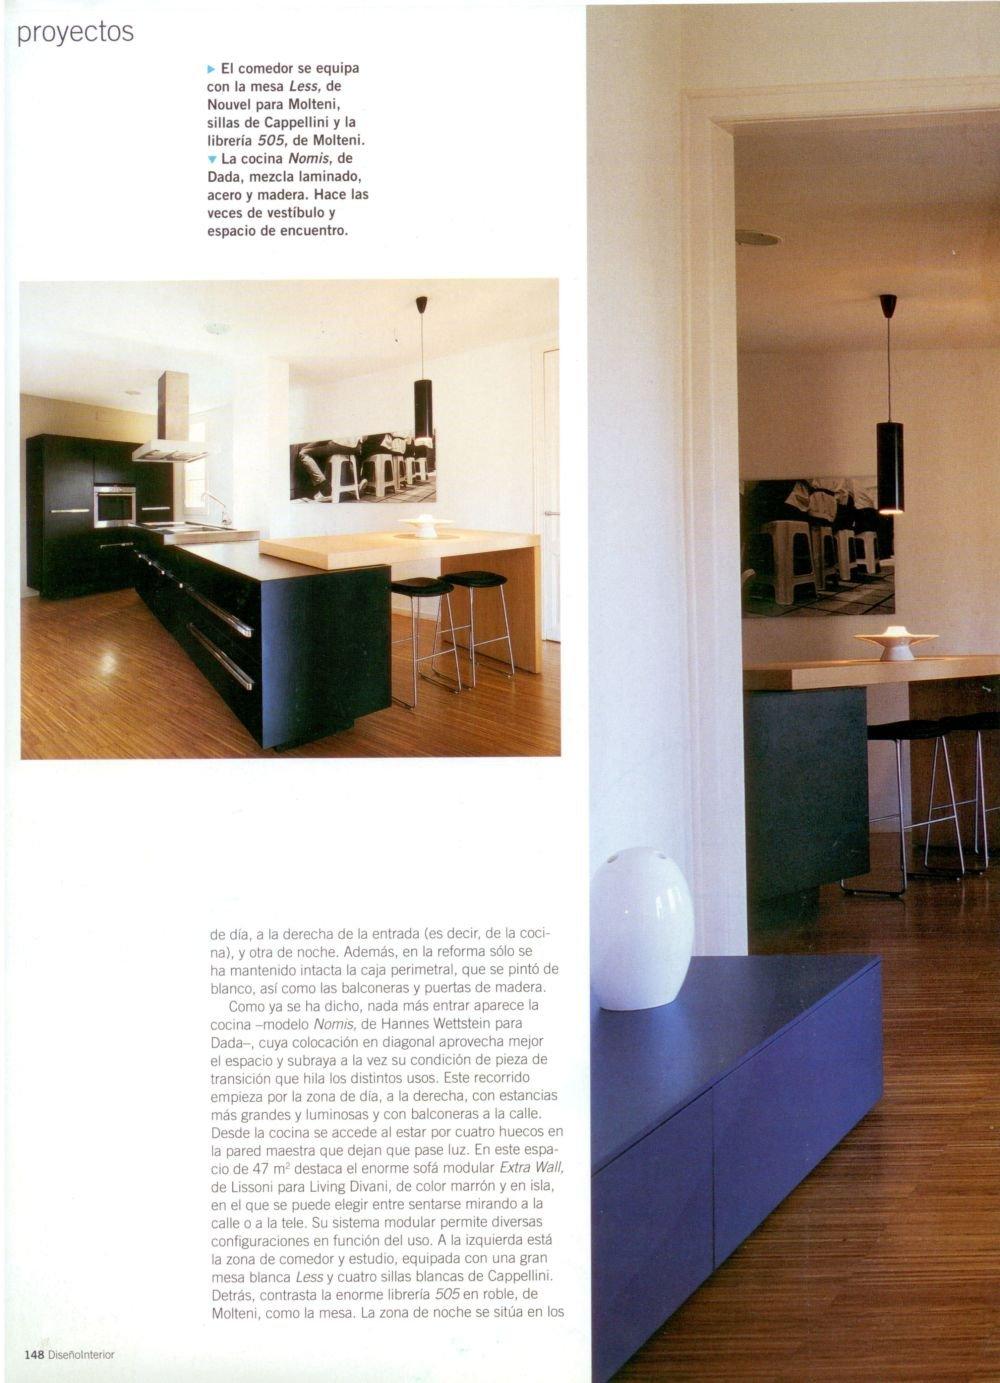 Dise o interior n 176 vilablanch estudio de - Diseno interior barcelona ...